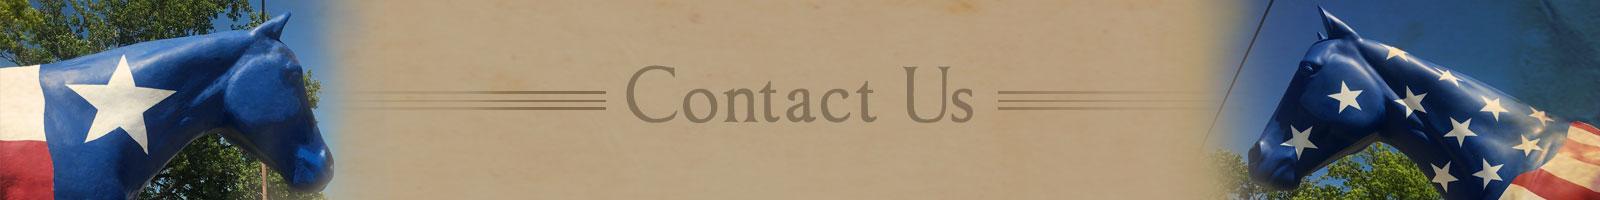 contactlogo.jpg